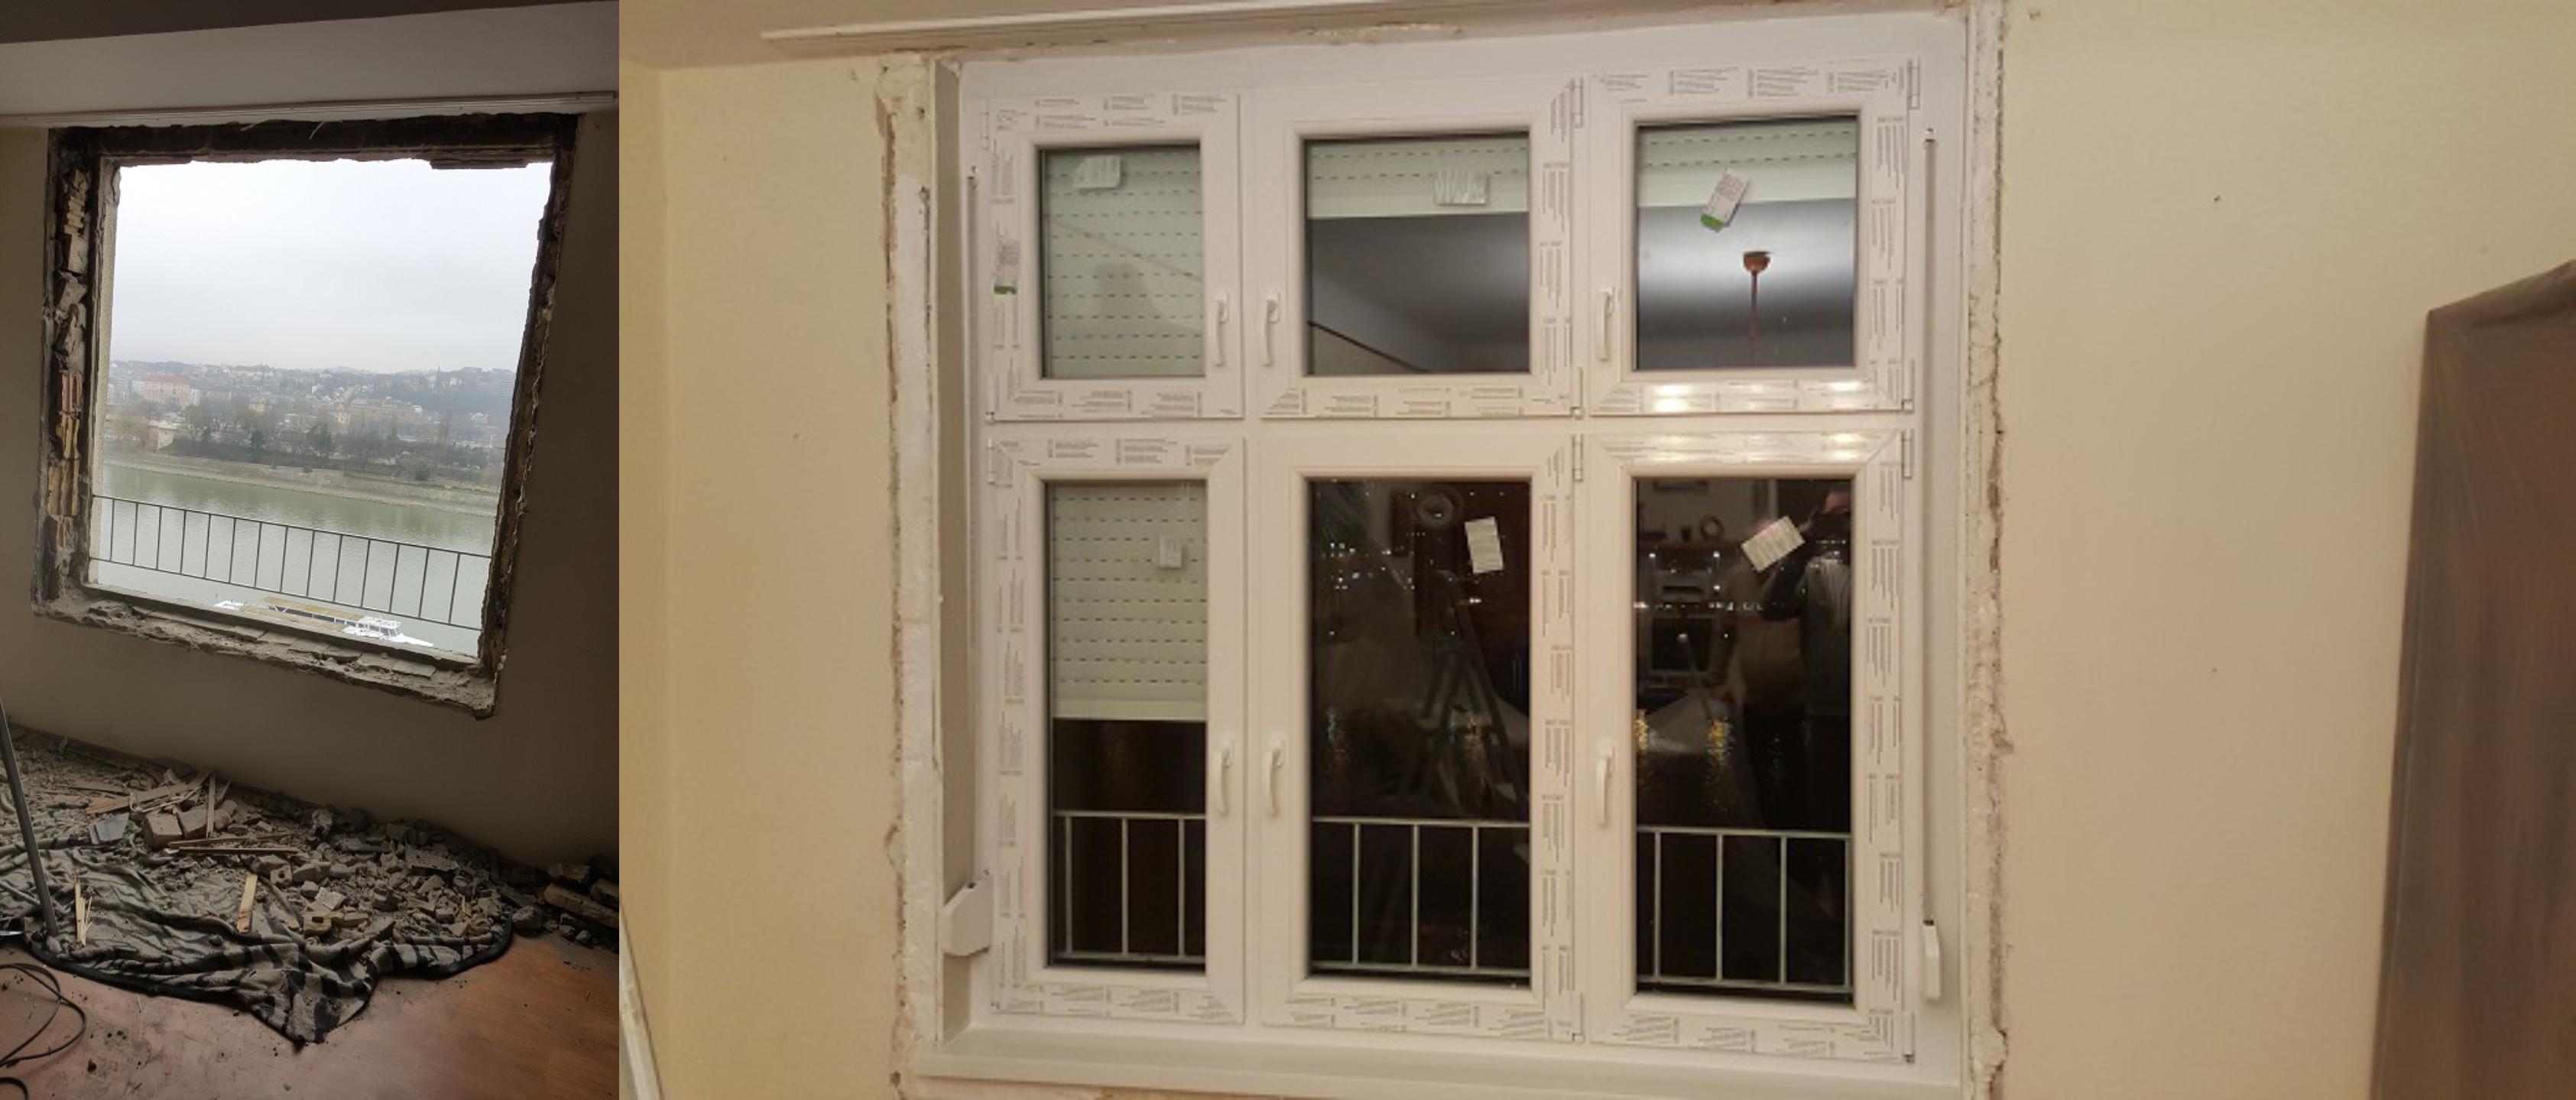 Panel lakás ablakcsere